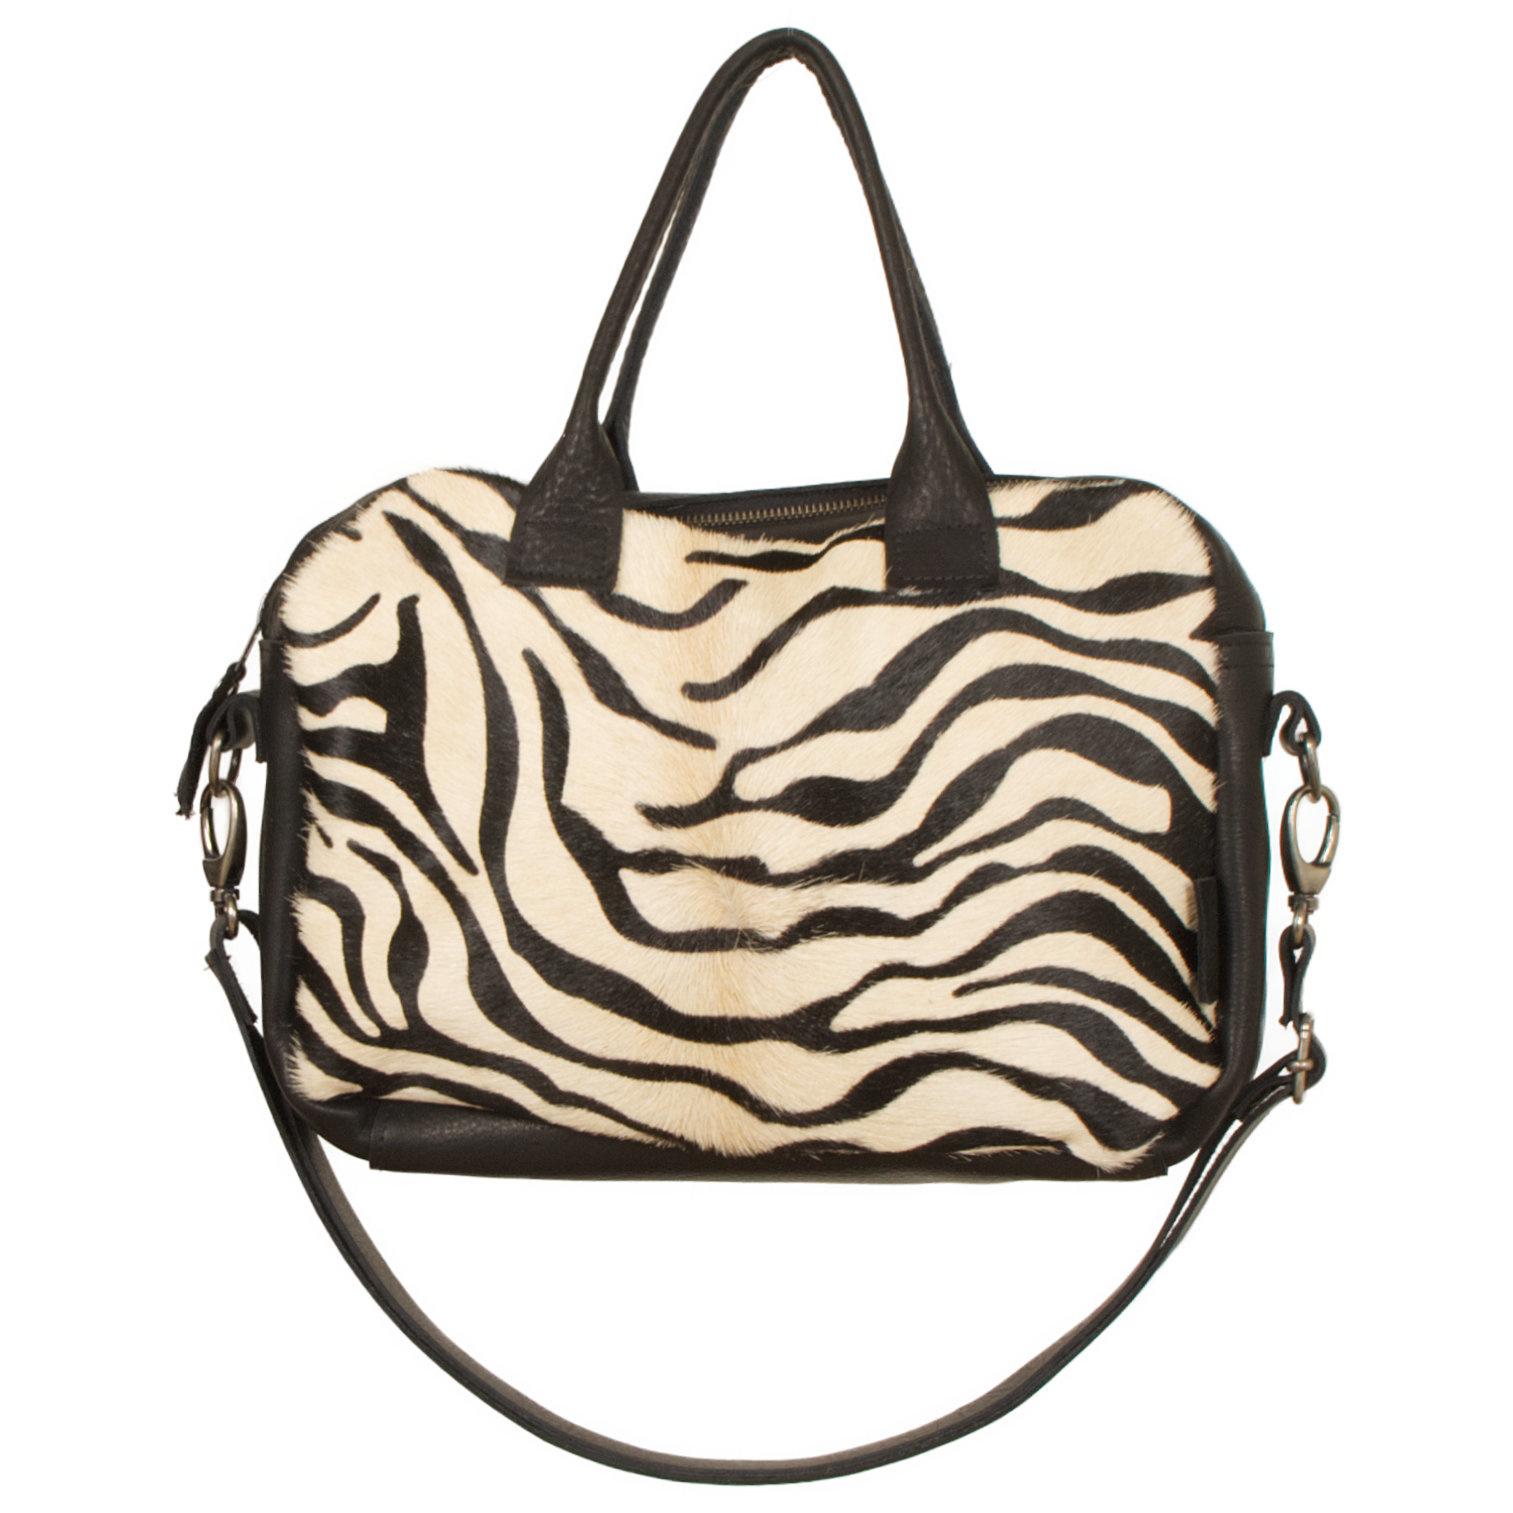 testVan Buren Tas Milou - Zwart/zebra print | Leren koeienhuid schoudertas